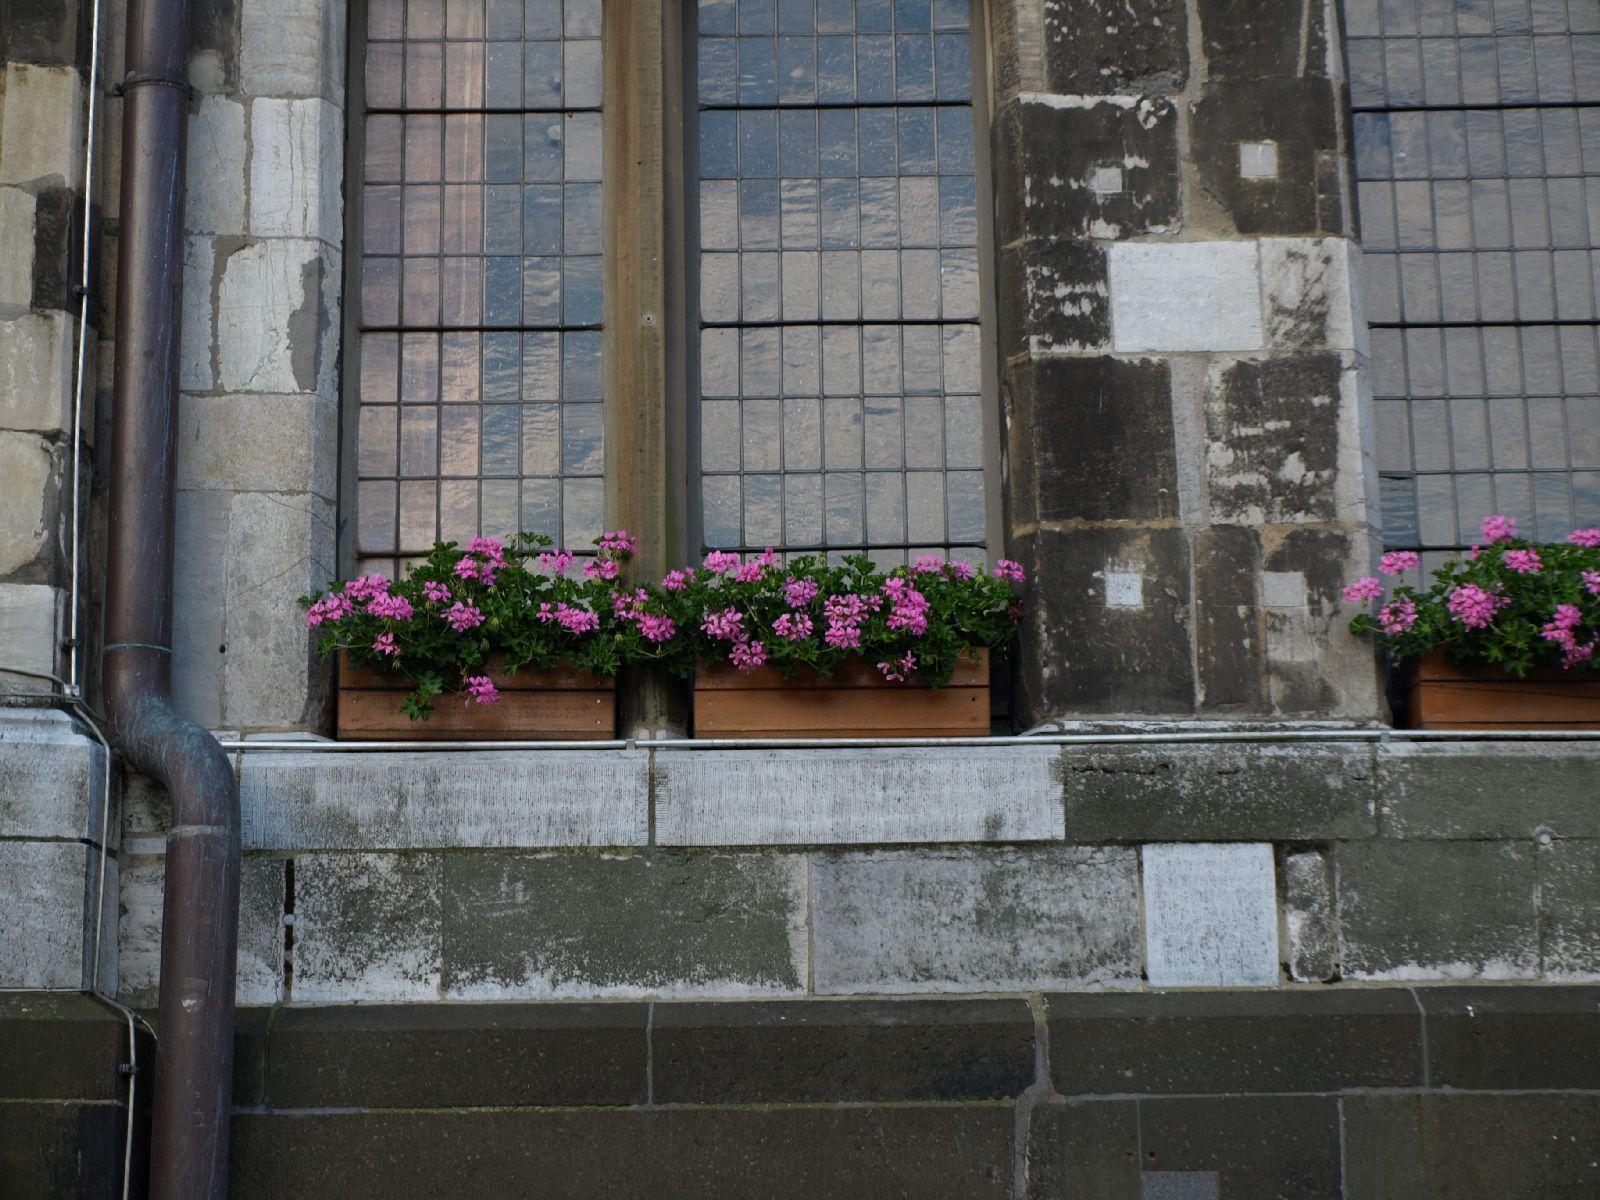 Pflanzen-Blumen-Foto_Textur_B_P6223605